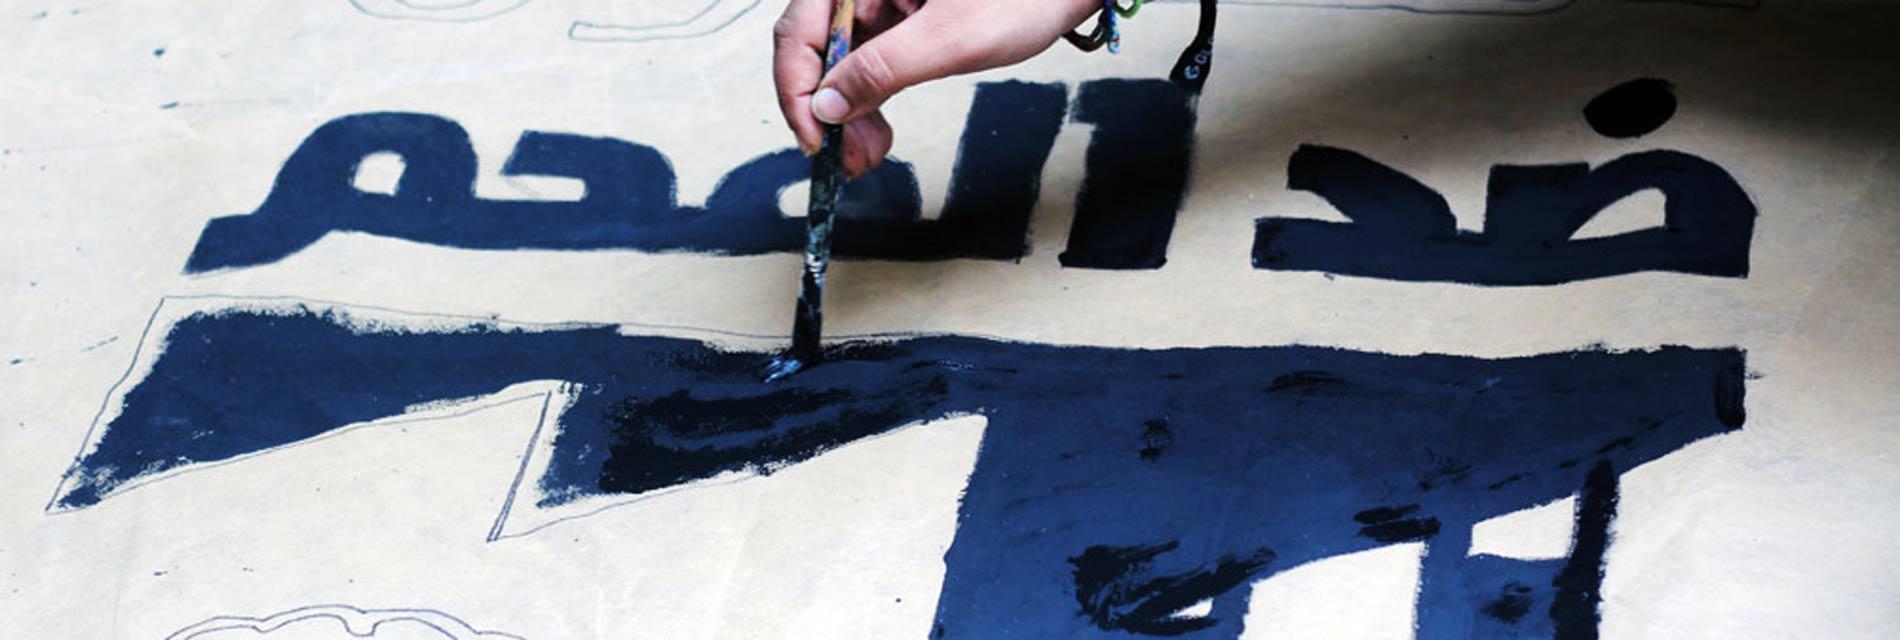 المركز المصري ينشر رسالة منظمات المجتمع المدني لوزراء الحكومة حول قرارها باستخدام الفحم